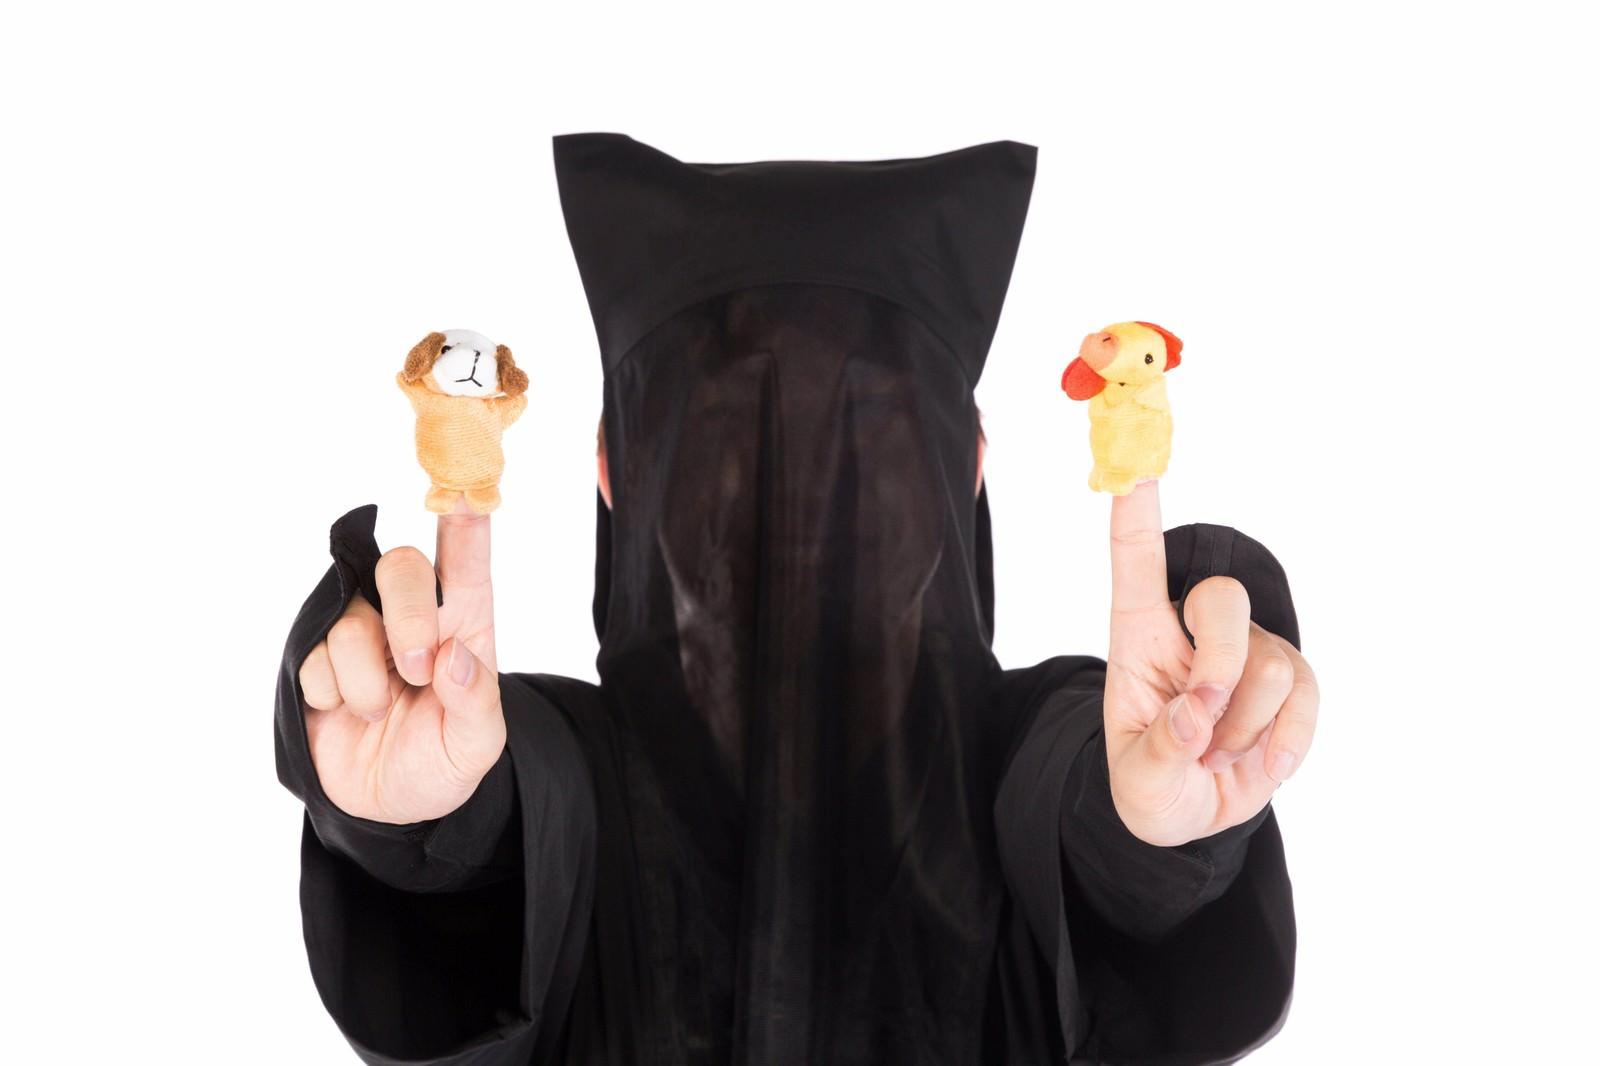 「酷いクオリティの酉と戌の指人形」の写真[モデル:鈴木秀]